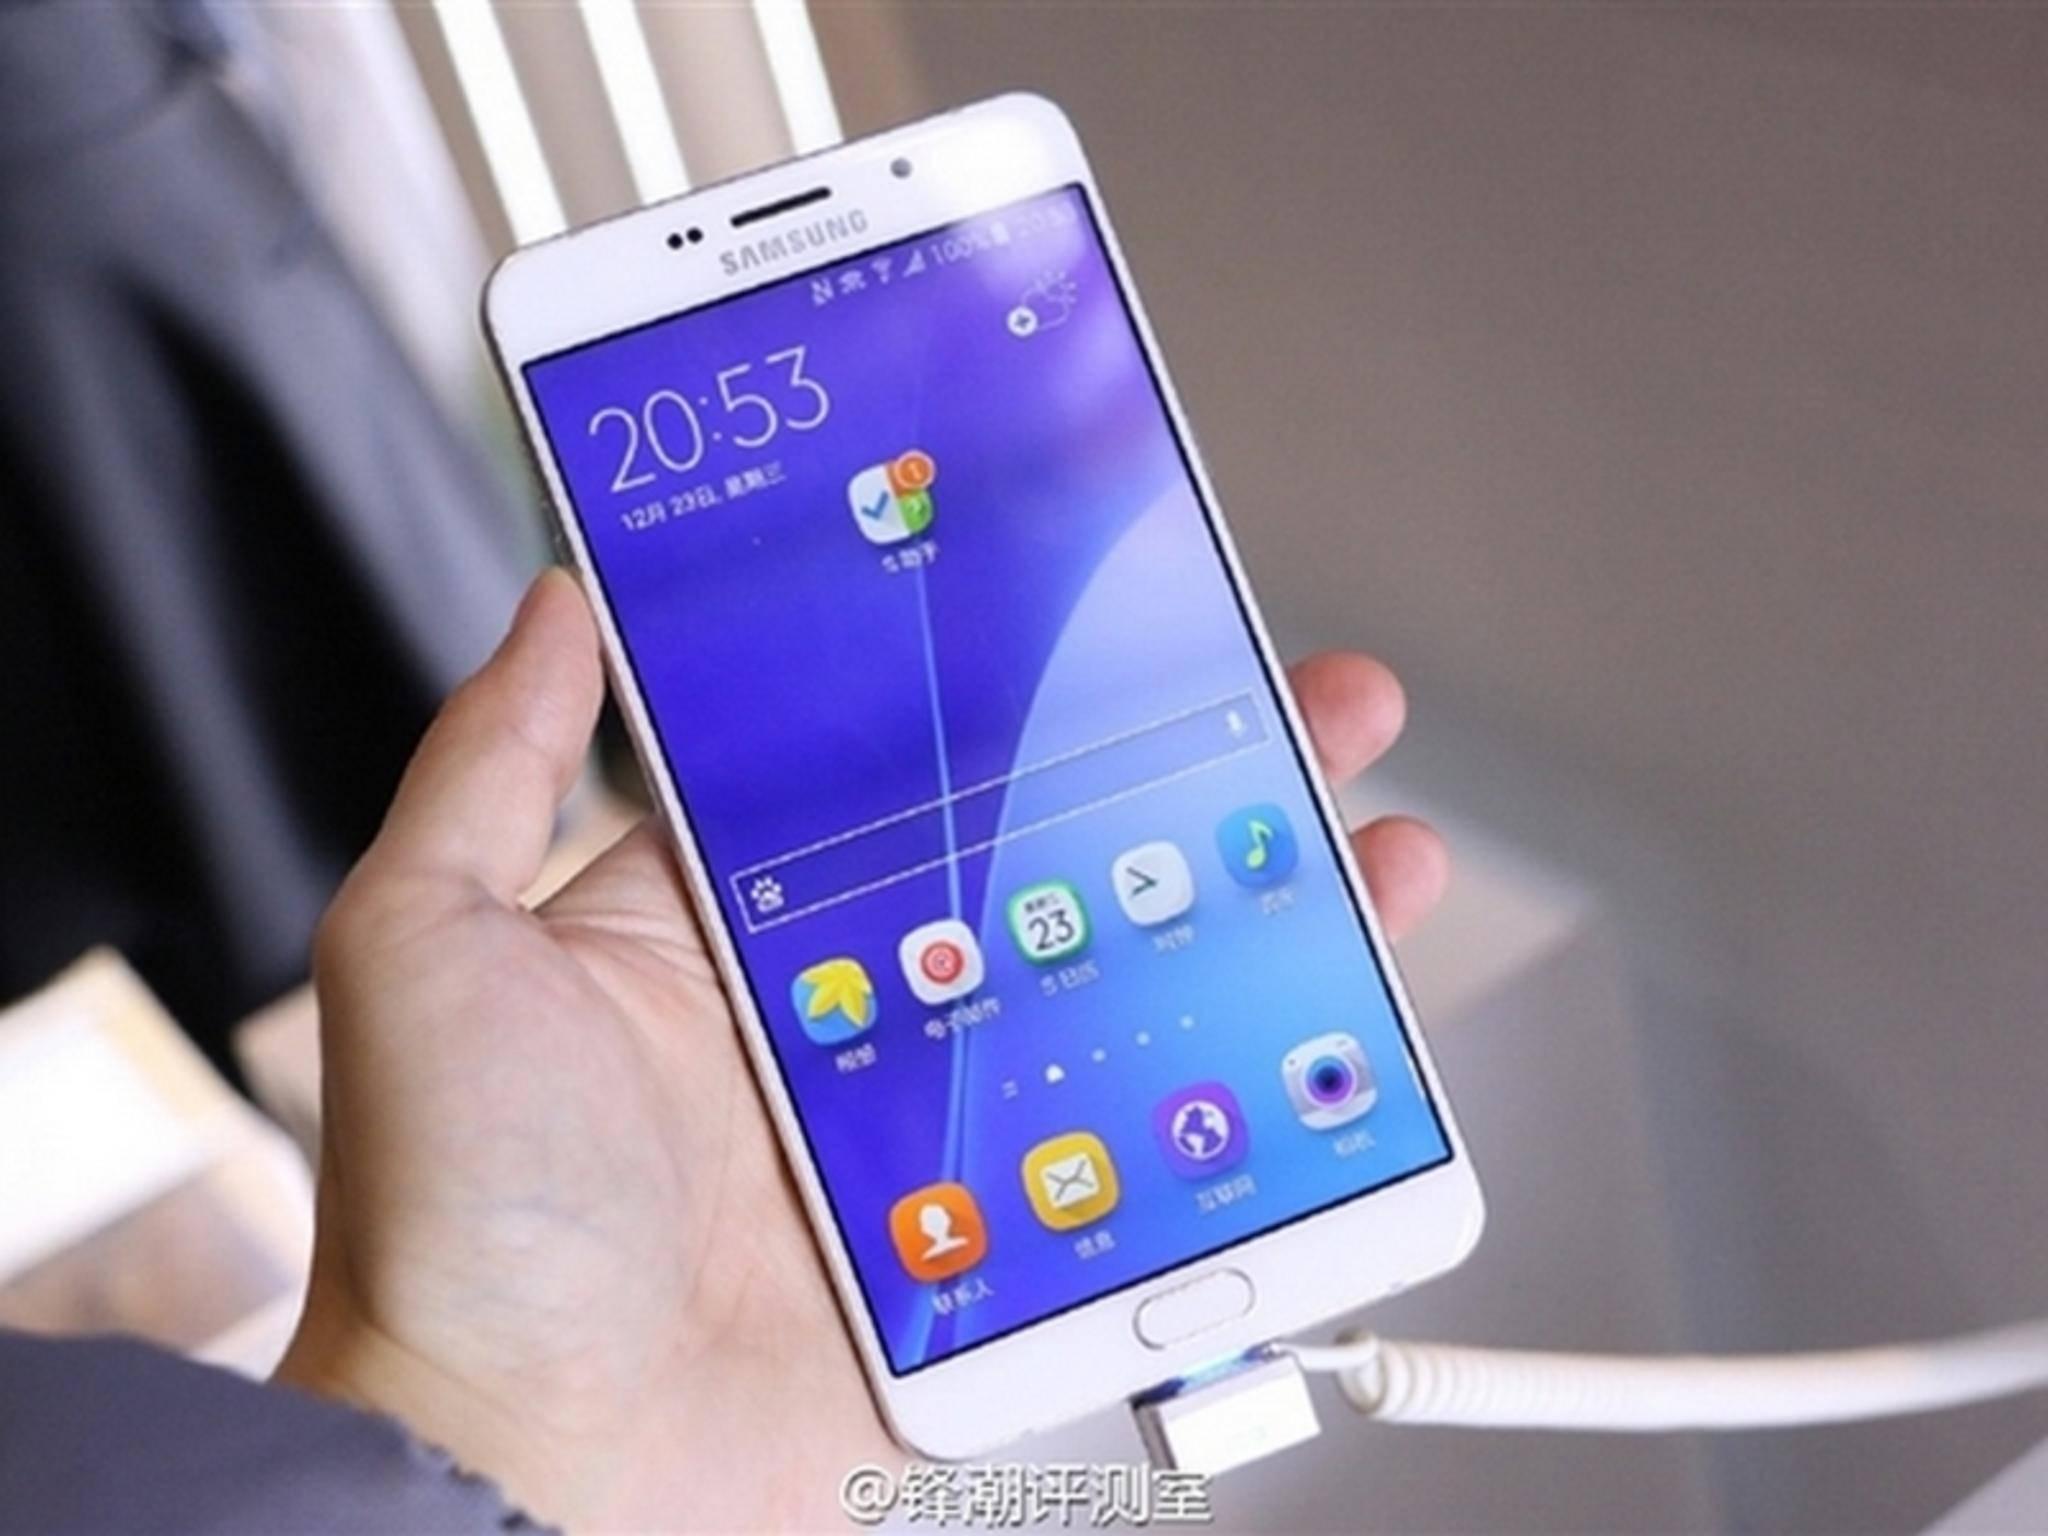 Das Galaxy A9 erscheint zunächst in China.